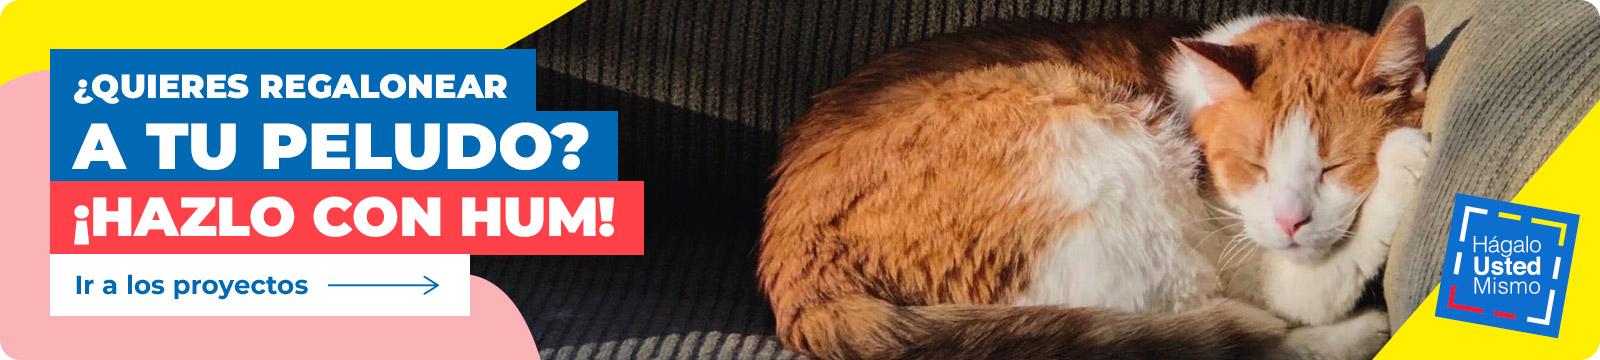 gato naranjo con blanco recostado en un sofá durmiendo